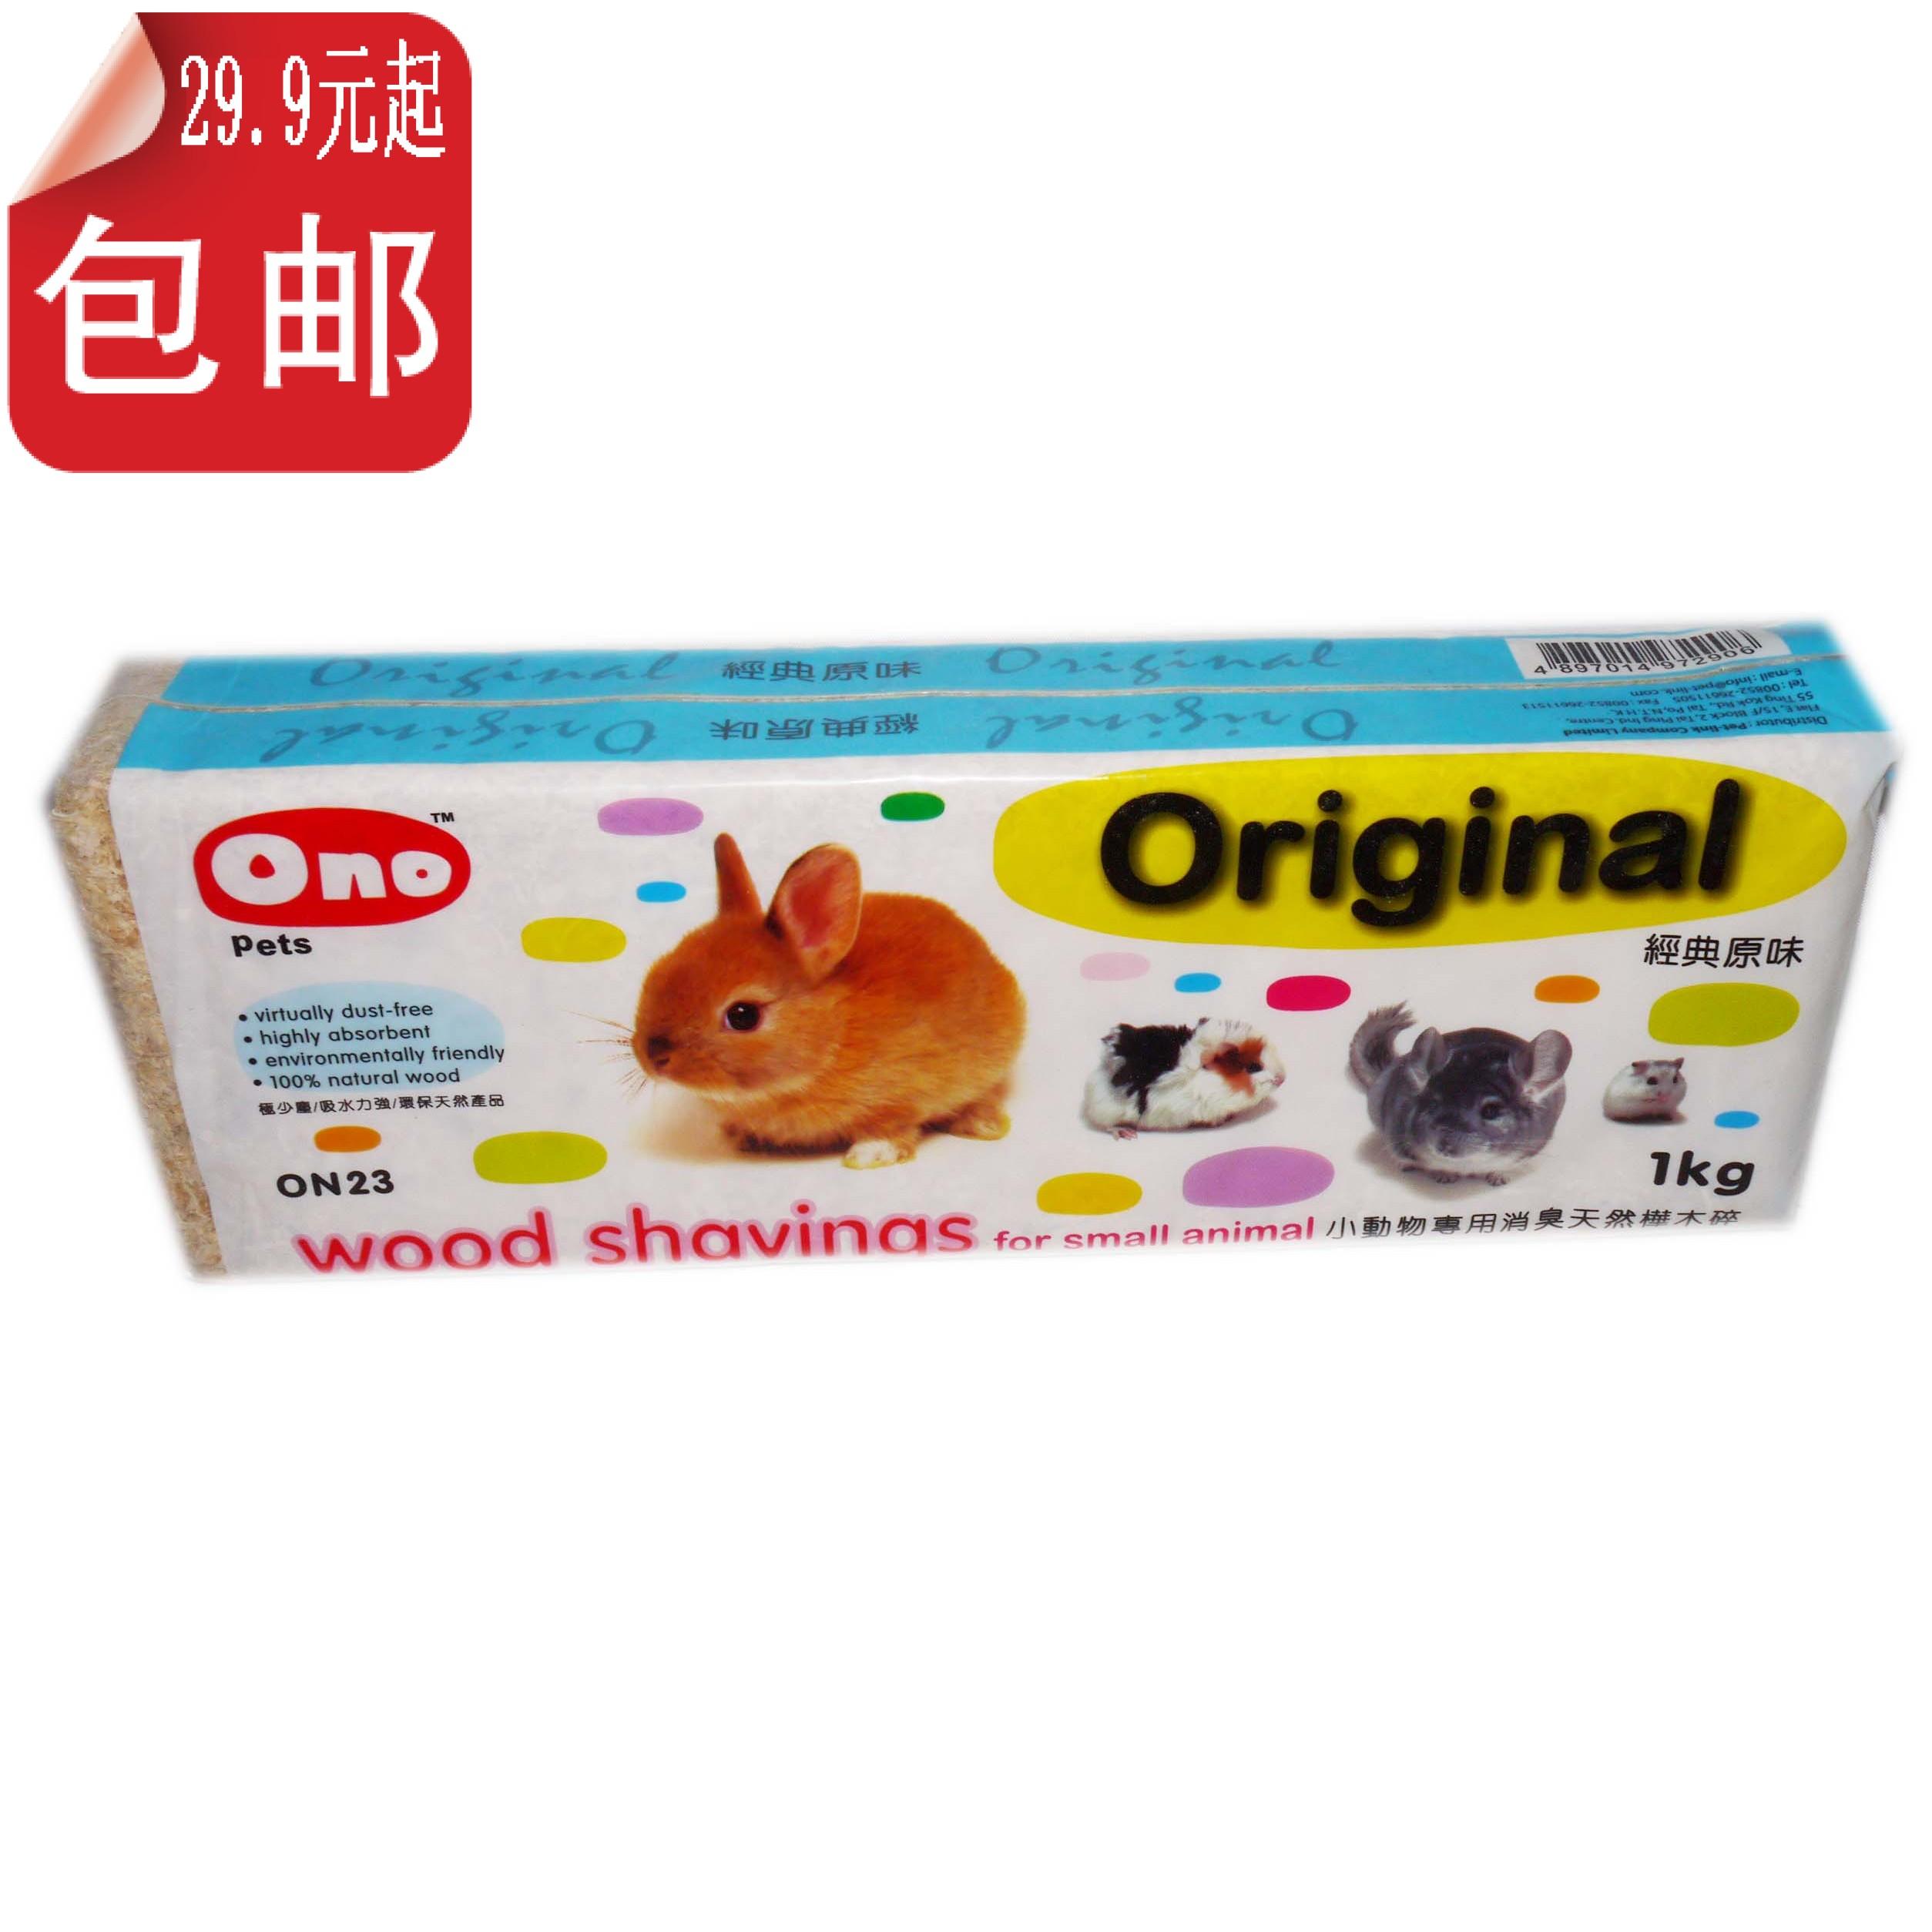 双数免邮垫料 ONO消臭天然樺木 除臭仓鼠兔子龙猫木槺木屑垫料1KG